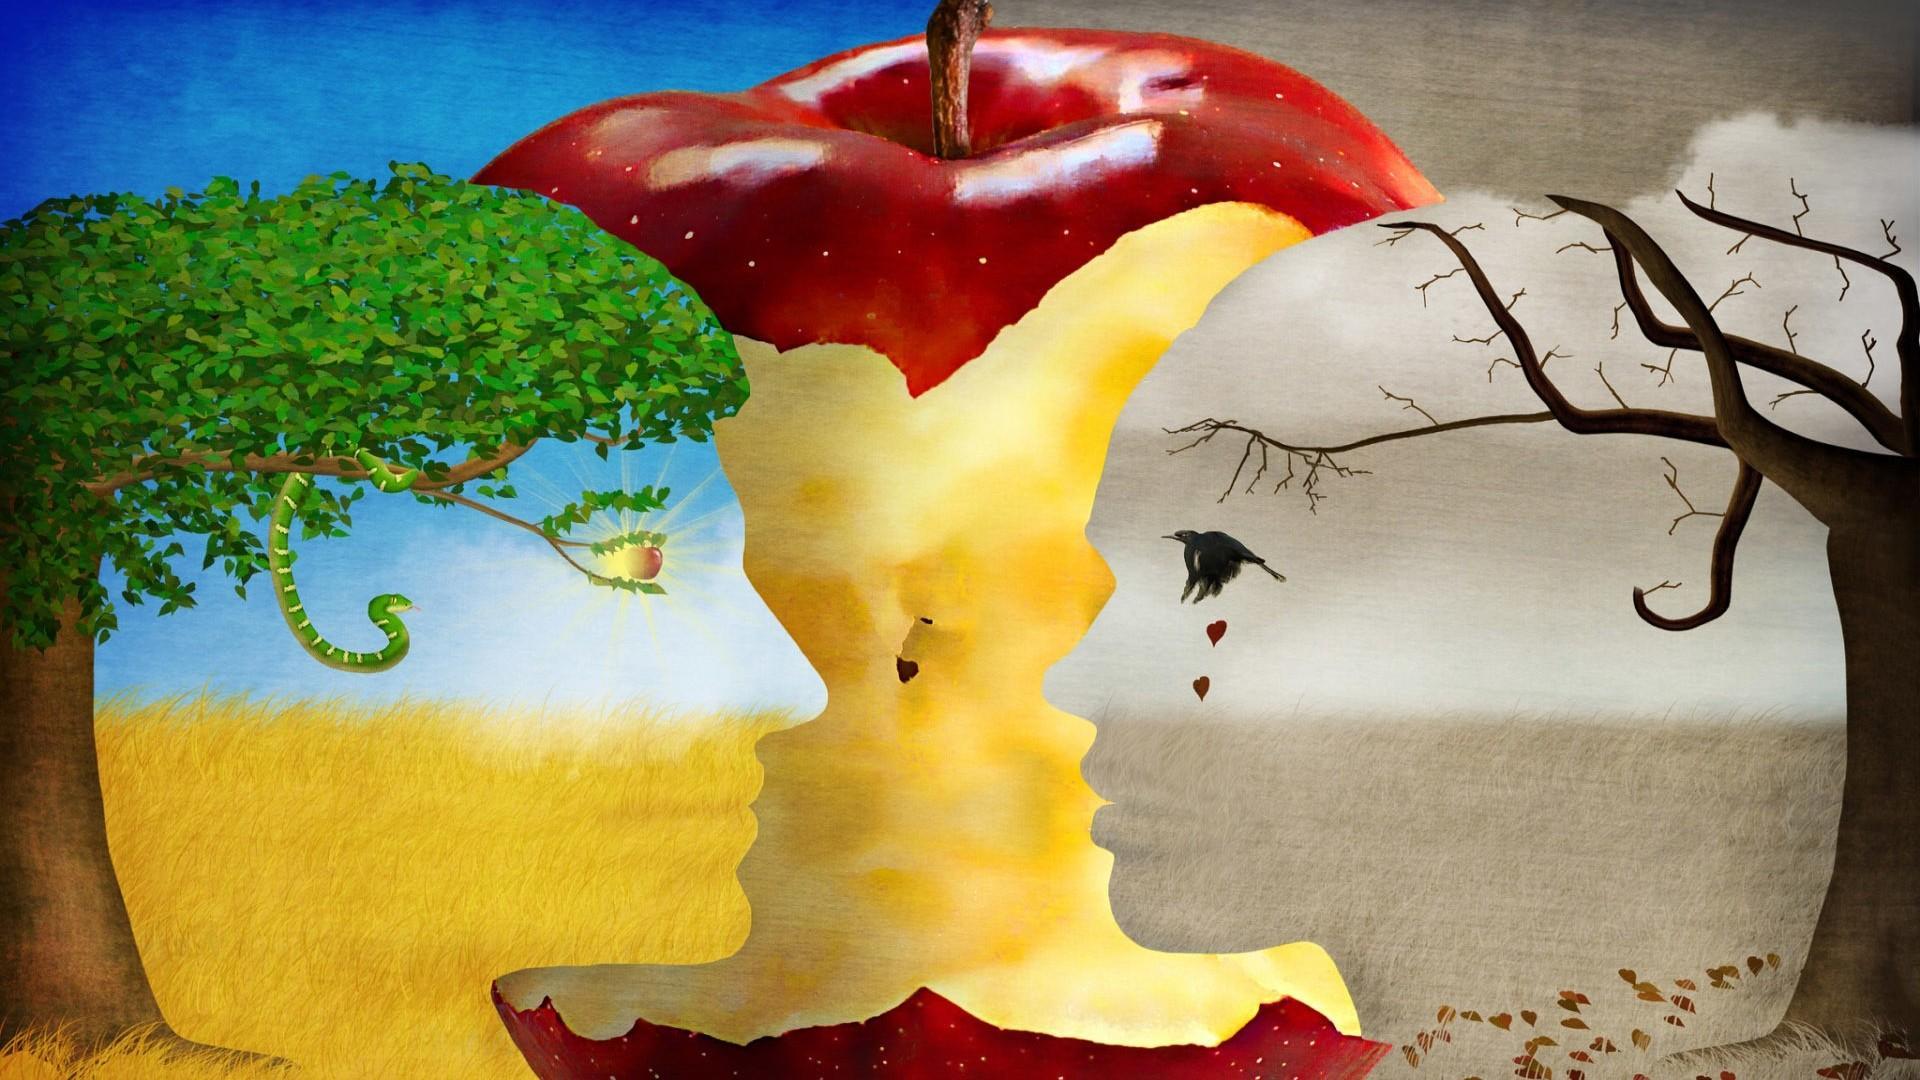 Psichologė apie pokyčių baimę